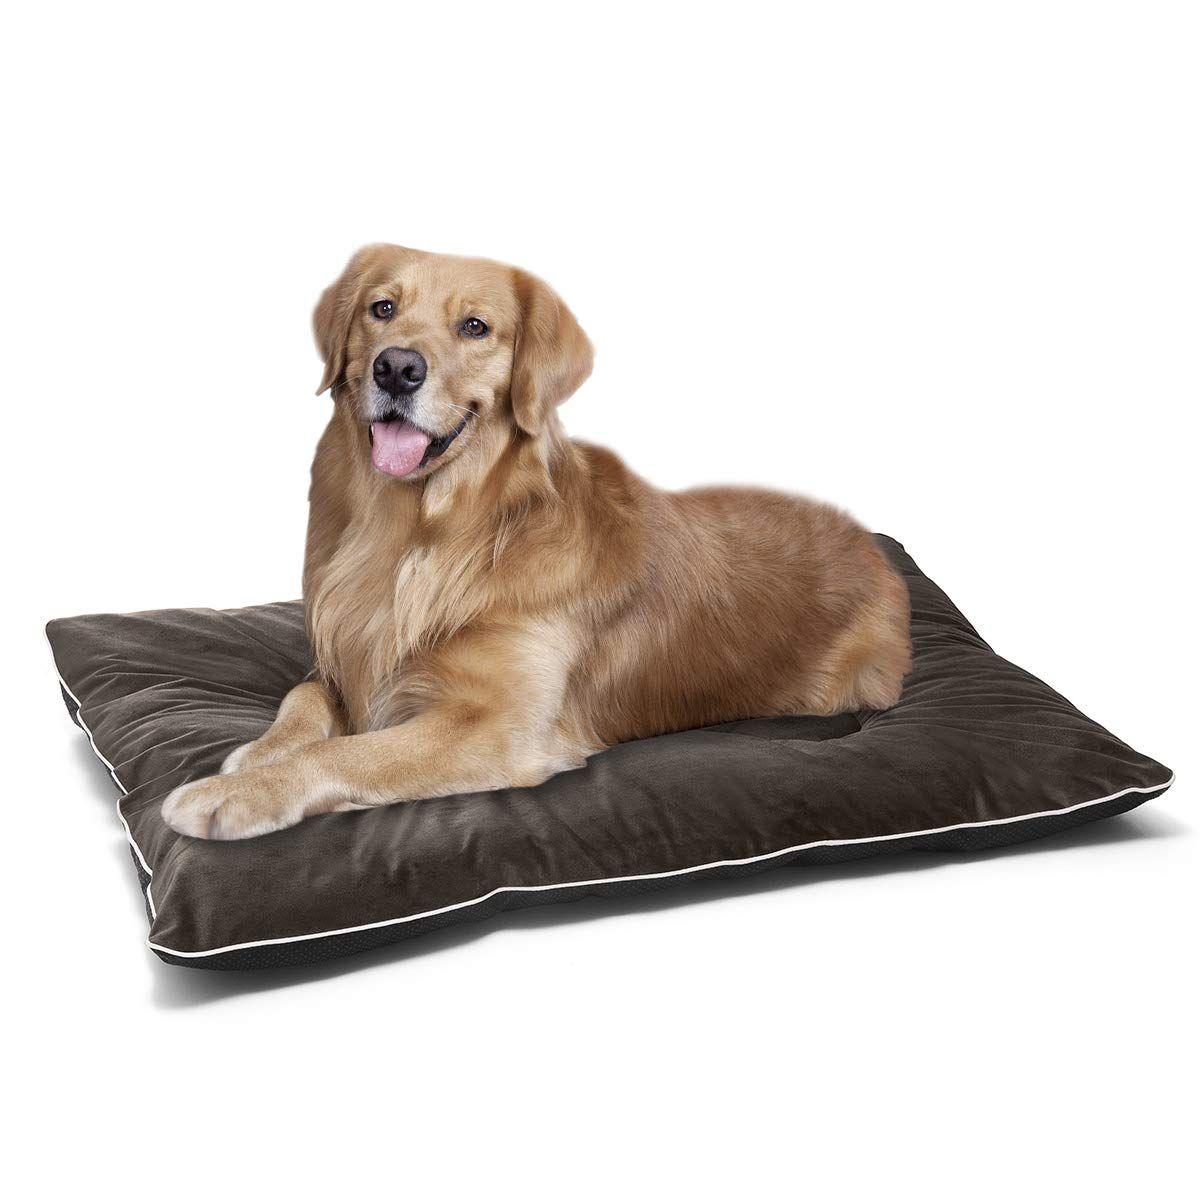 Joejoy dog bed crate mat 303642 antislip kennel